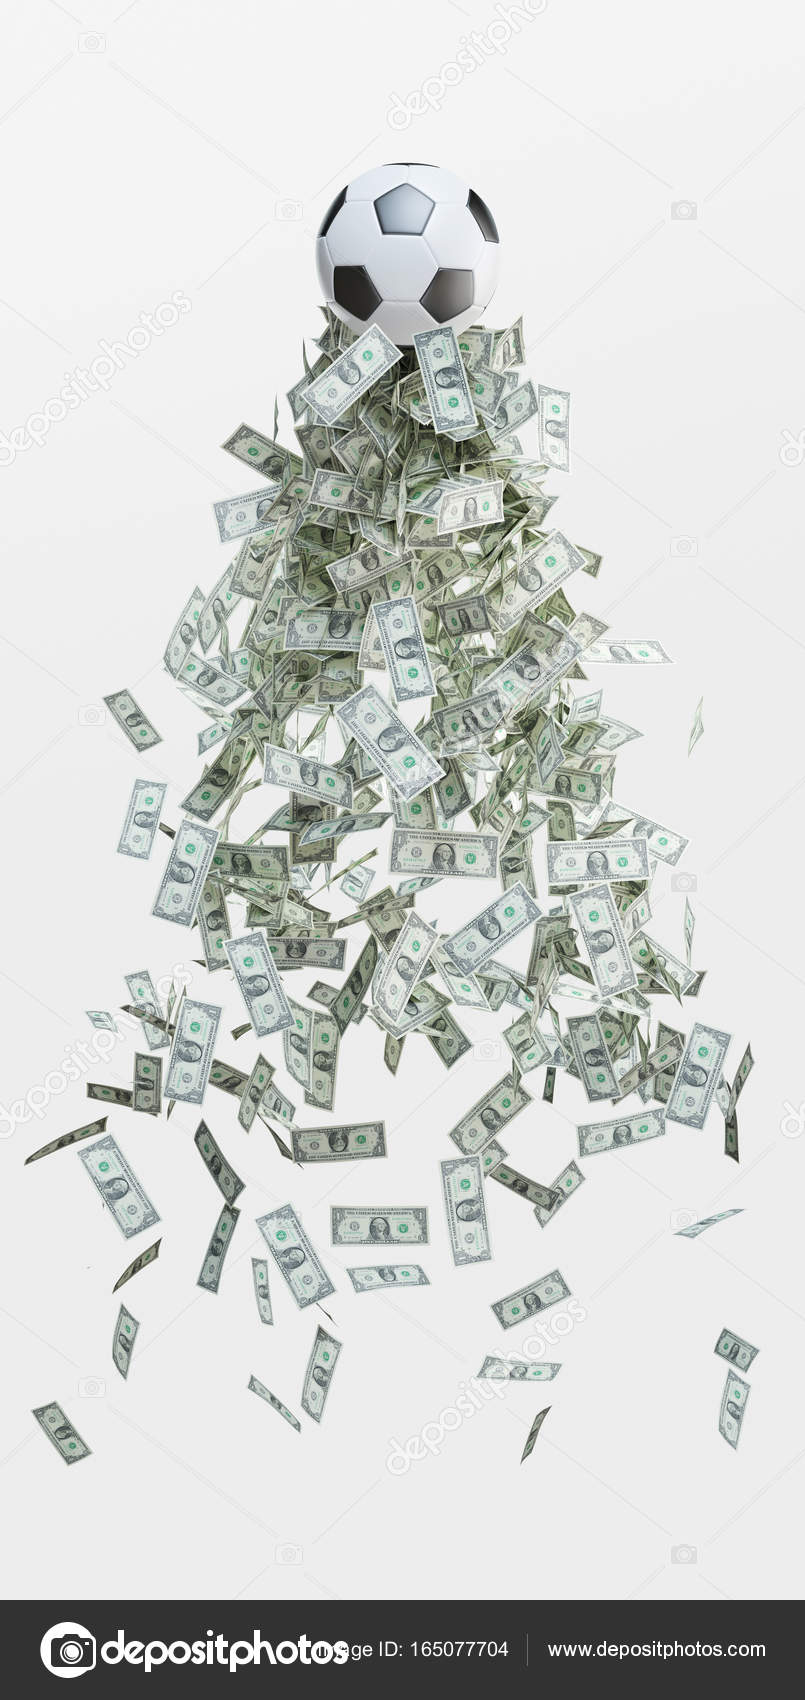 L Argent Dans Le Football : argent, football, Football, Argent,, Ballon, L'argent,, Affaires,, Illustration, Rendu, Image, Libre, Droit, DecaStock, #165077704